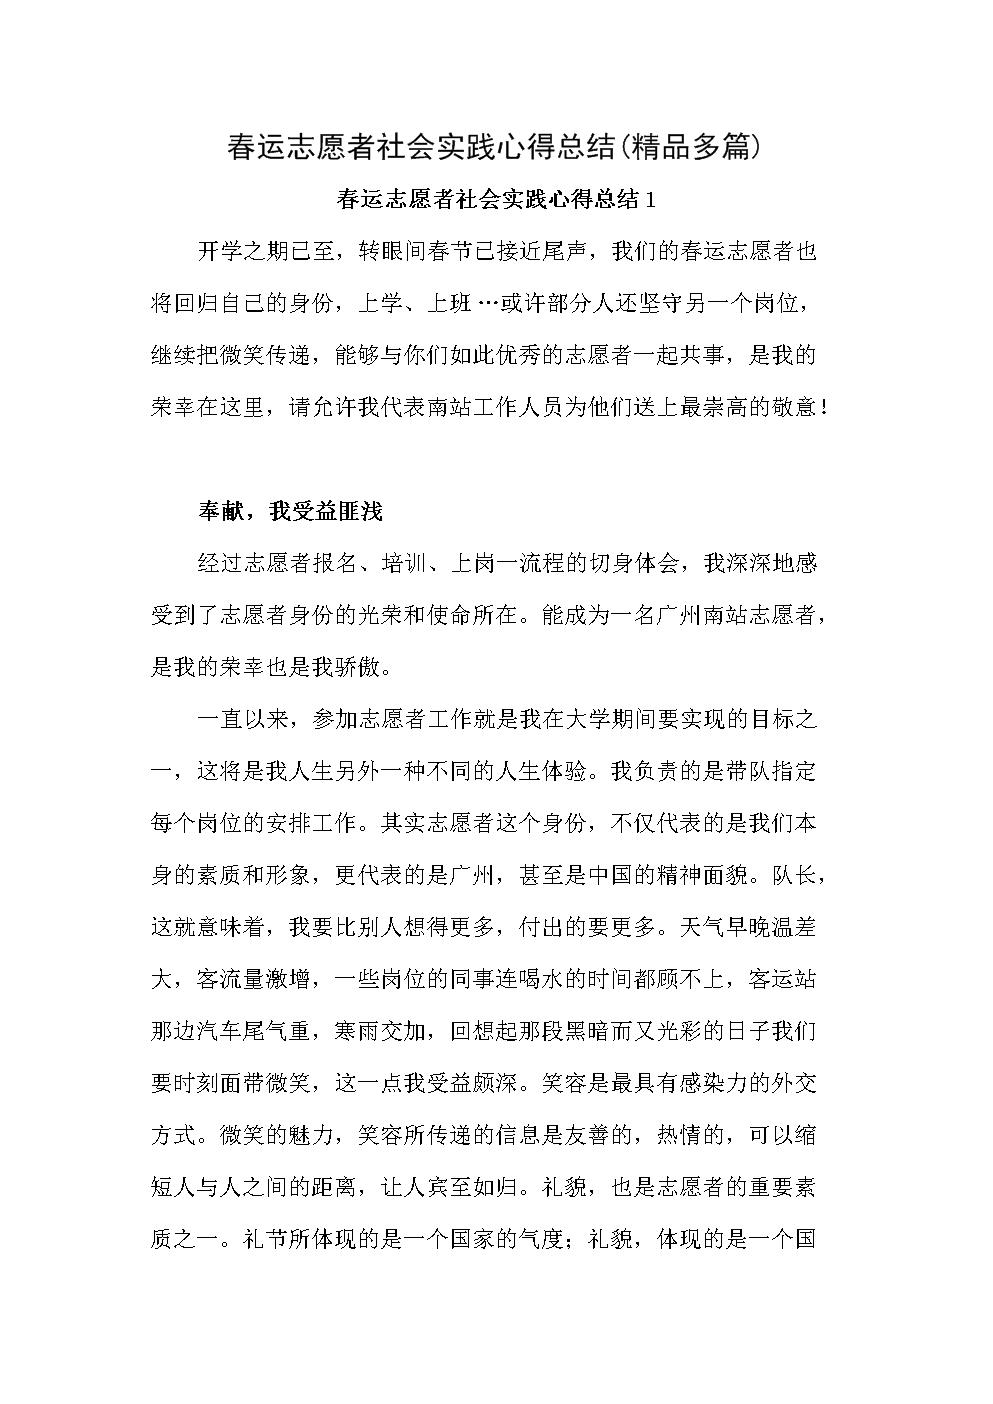 春运志愿者社会实践心得总结(精品多篇).docx